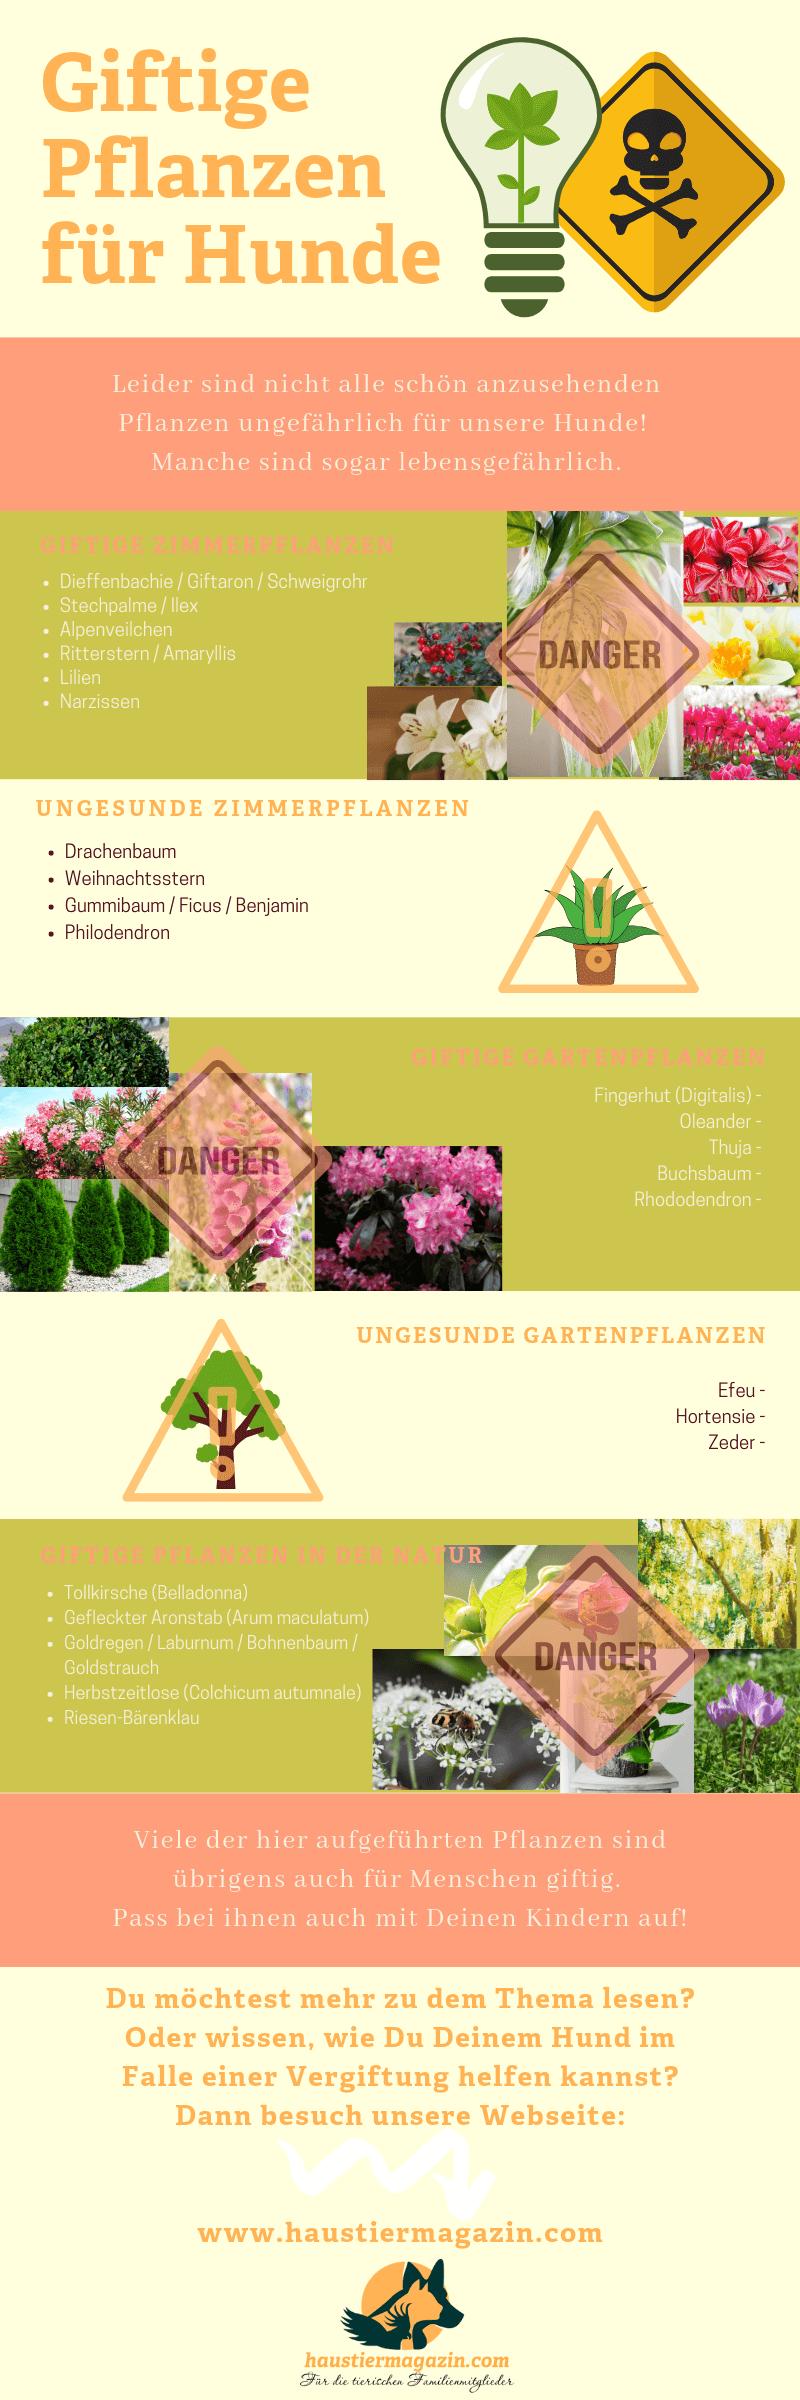 Infografik mit Namen und Bildern von giftigen Pflanzen für Hunde aufgeteilt in sehr giftige und weniger giftige Zimmer- und Gartenpflanzen.